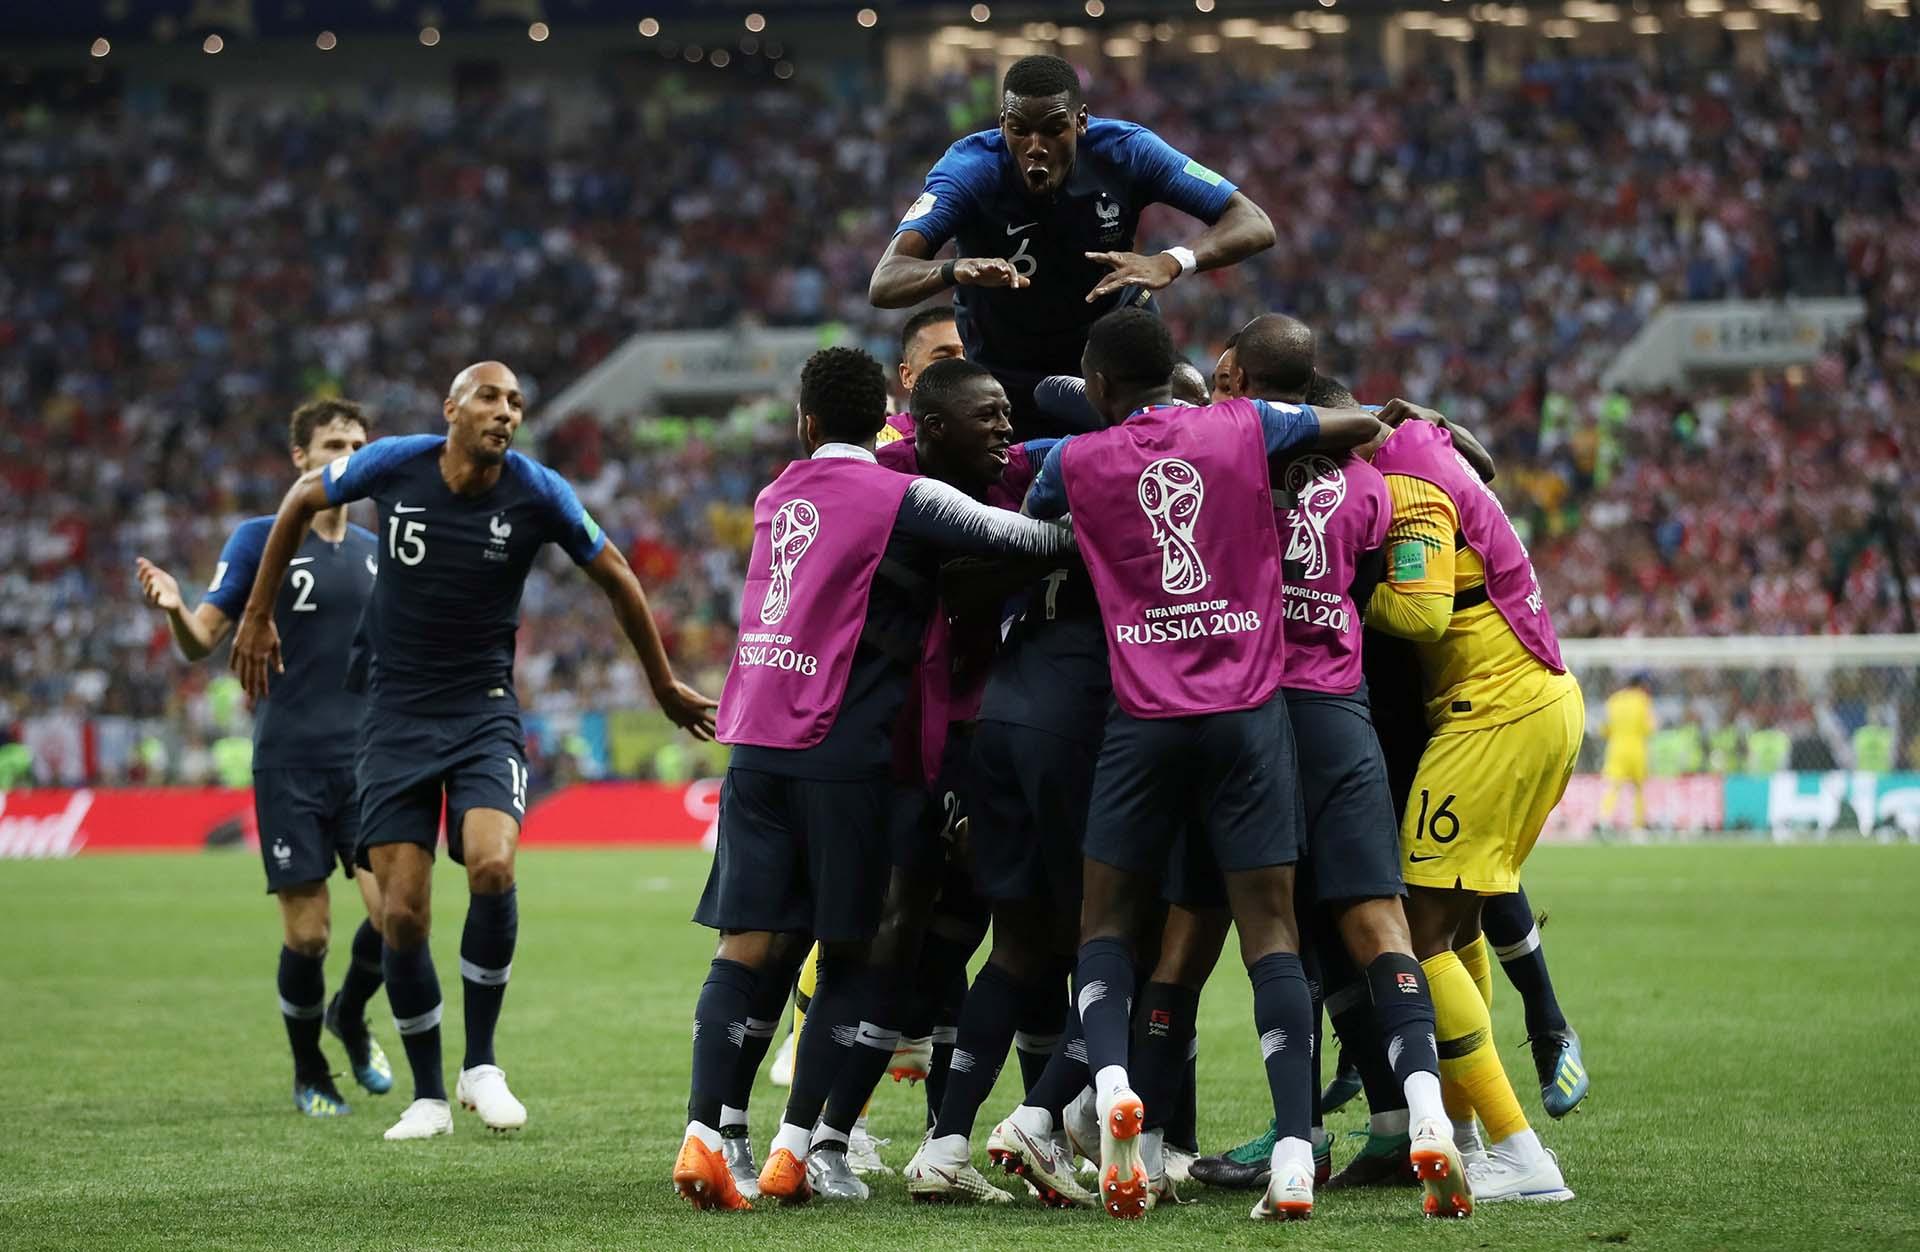 Brotaron las sonrisas, las lágrimas y los abrazos entre futbolistas y cuerpo técnico, quienes coronaron una campaña espectacular con el título más ansiado